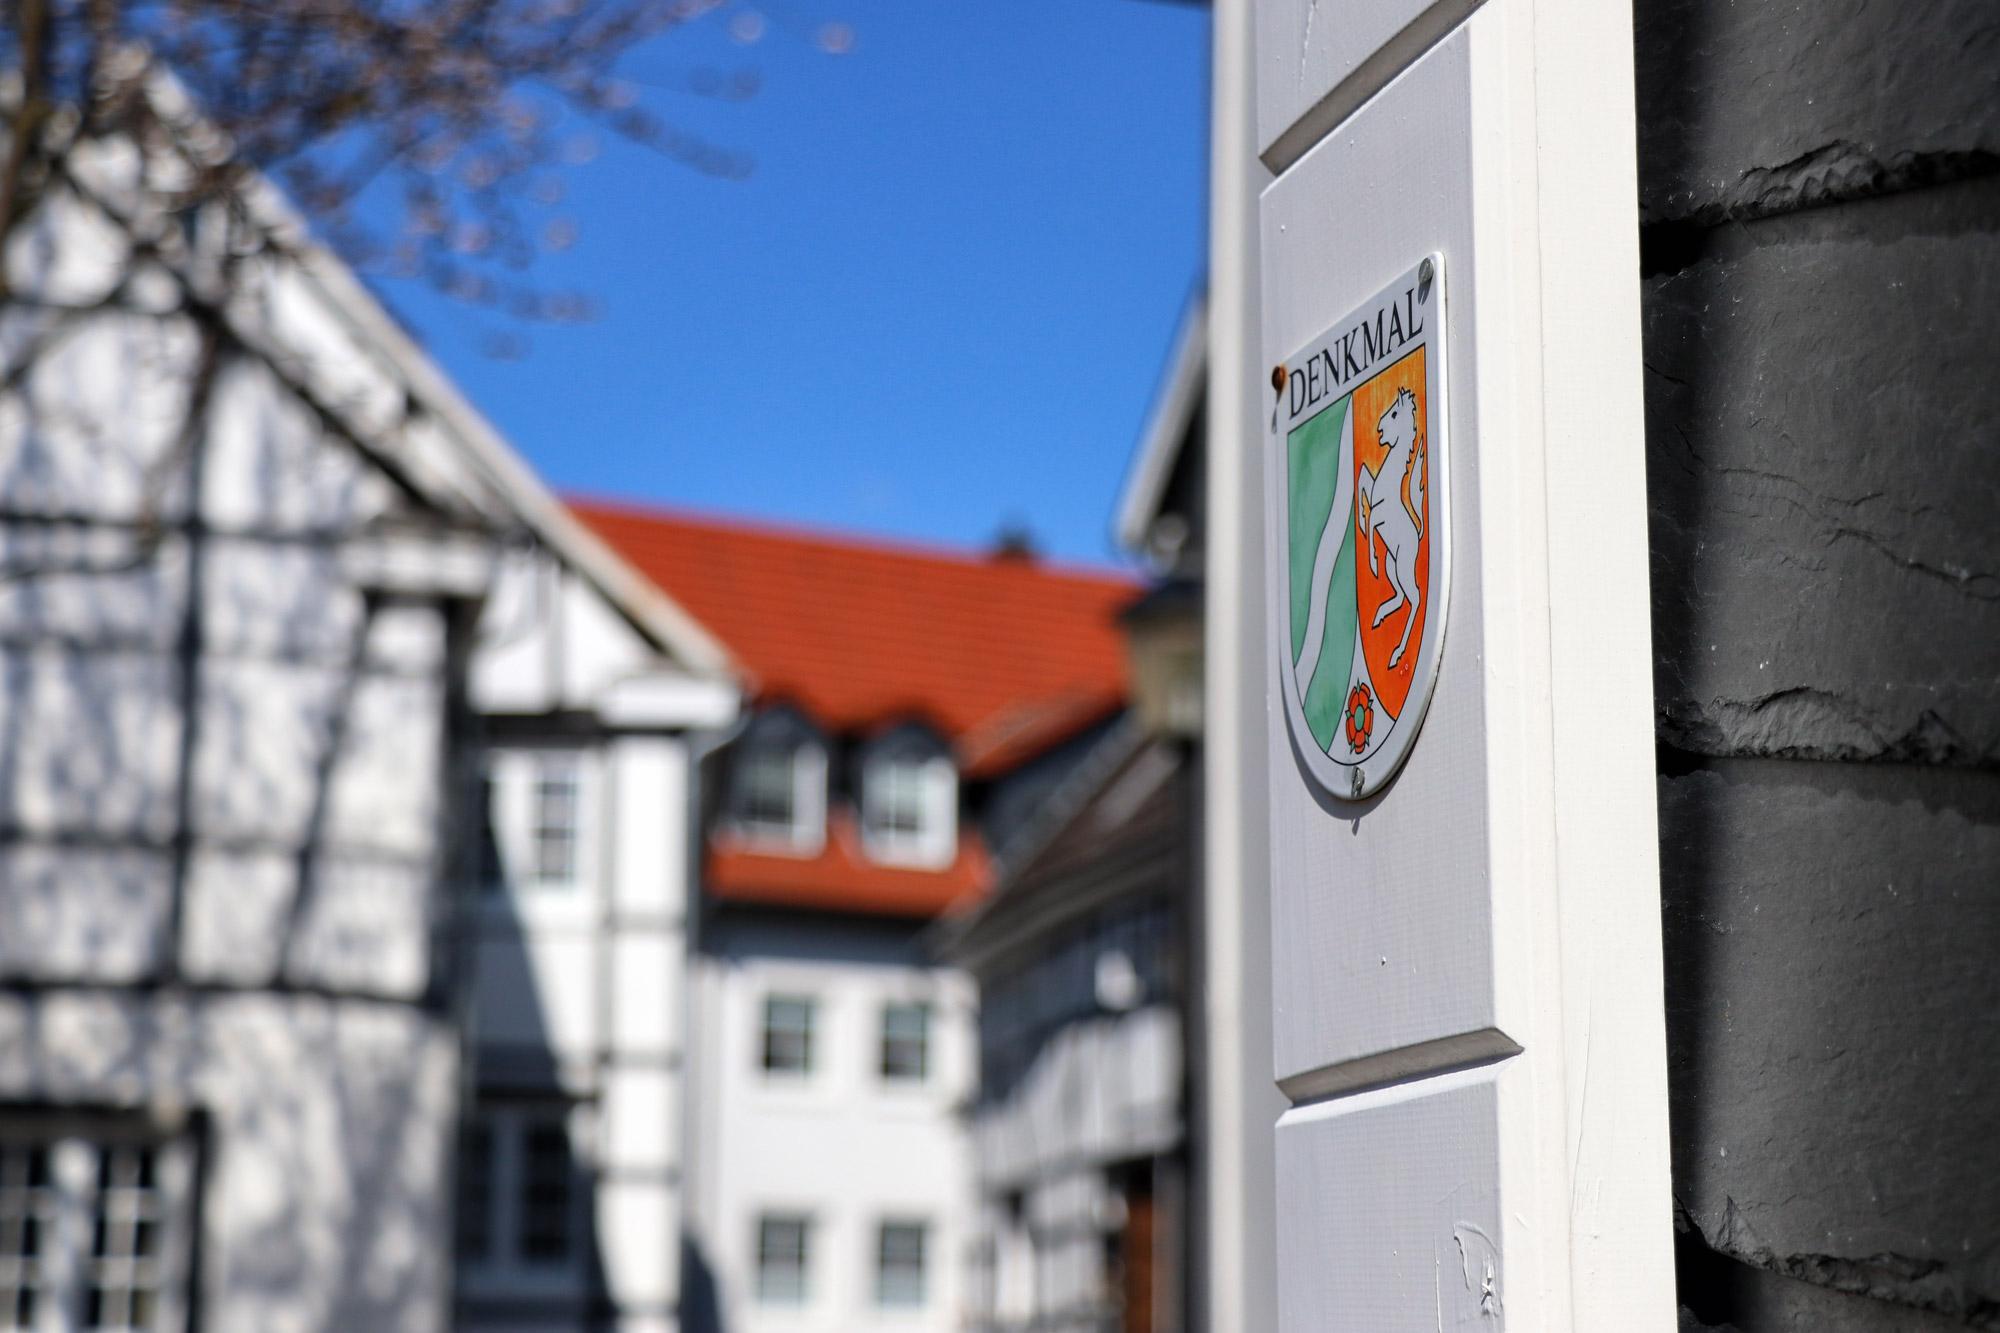 Essen-Kettwig - Kaiserstrasse